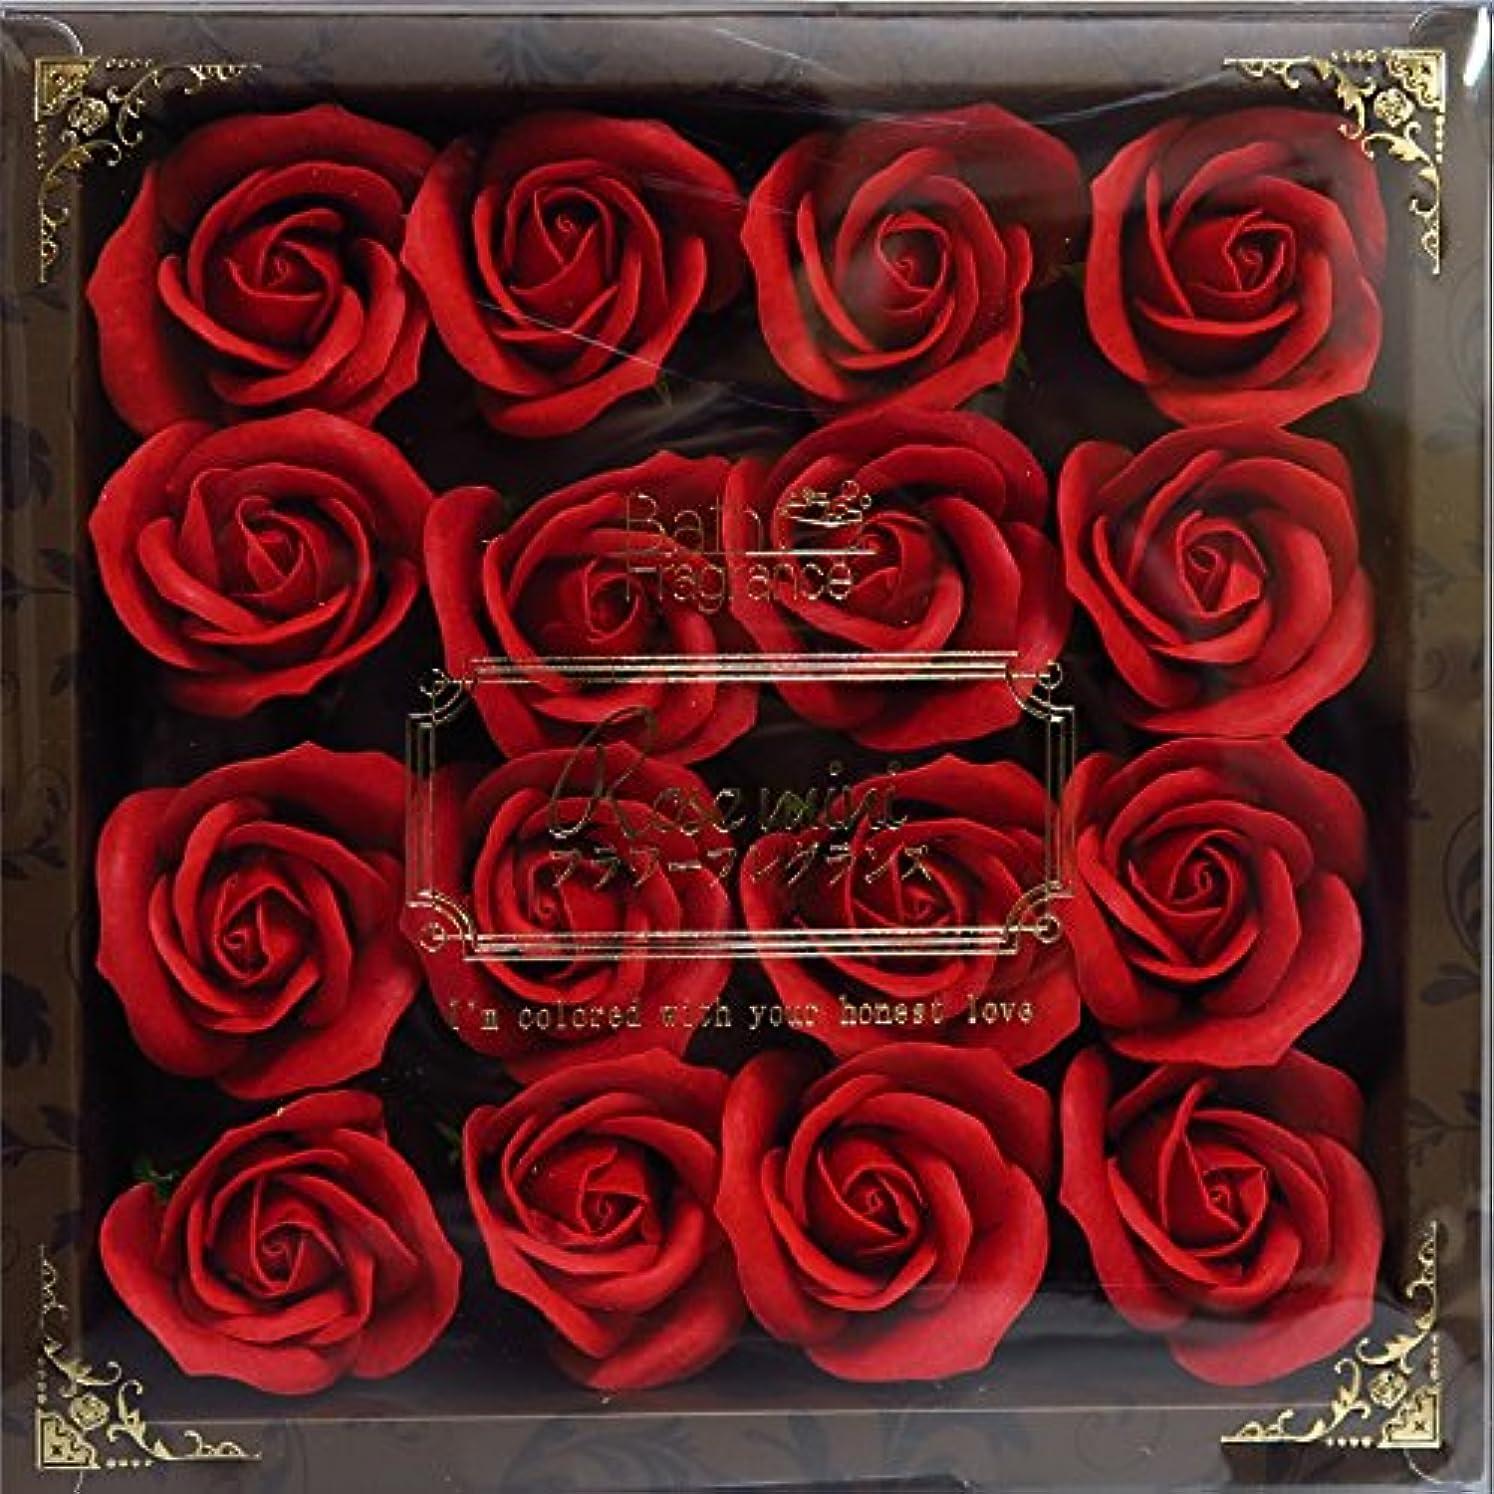 裏切る日没リーズバスフレグランス バスフラワー ミニローズフレグランス(M)レッド ギフト お花の形の入浴剤 プレゼント ばら